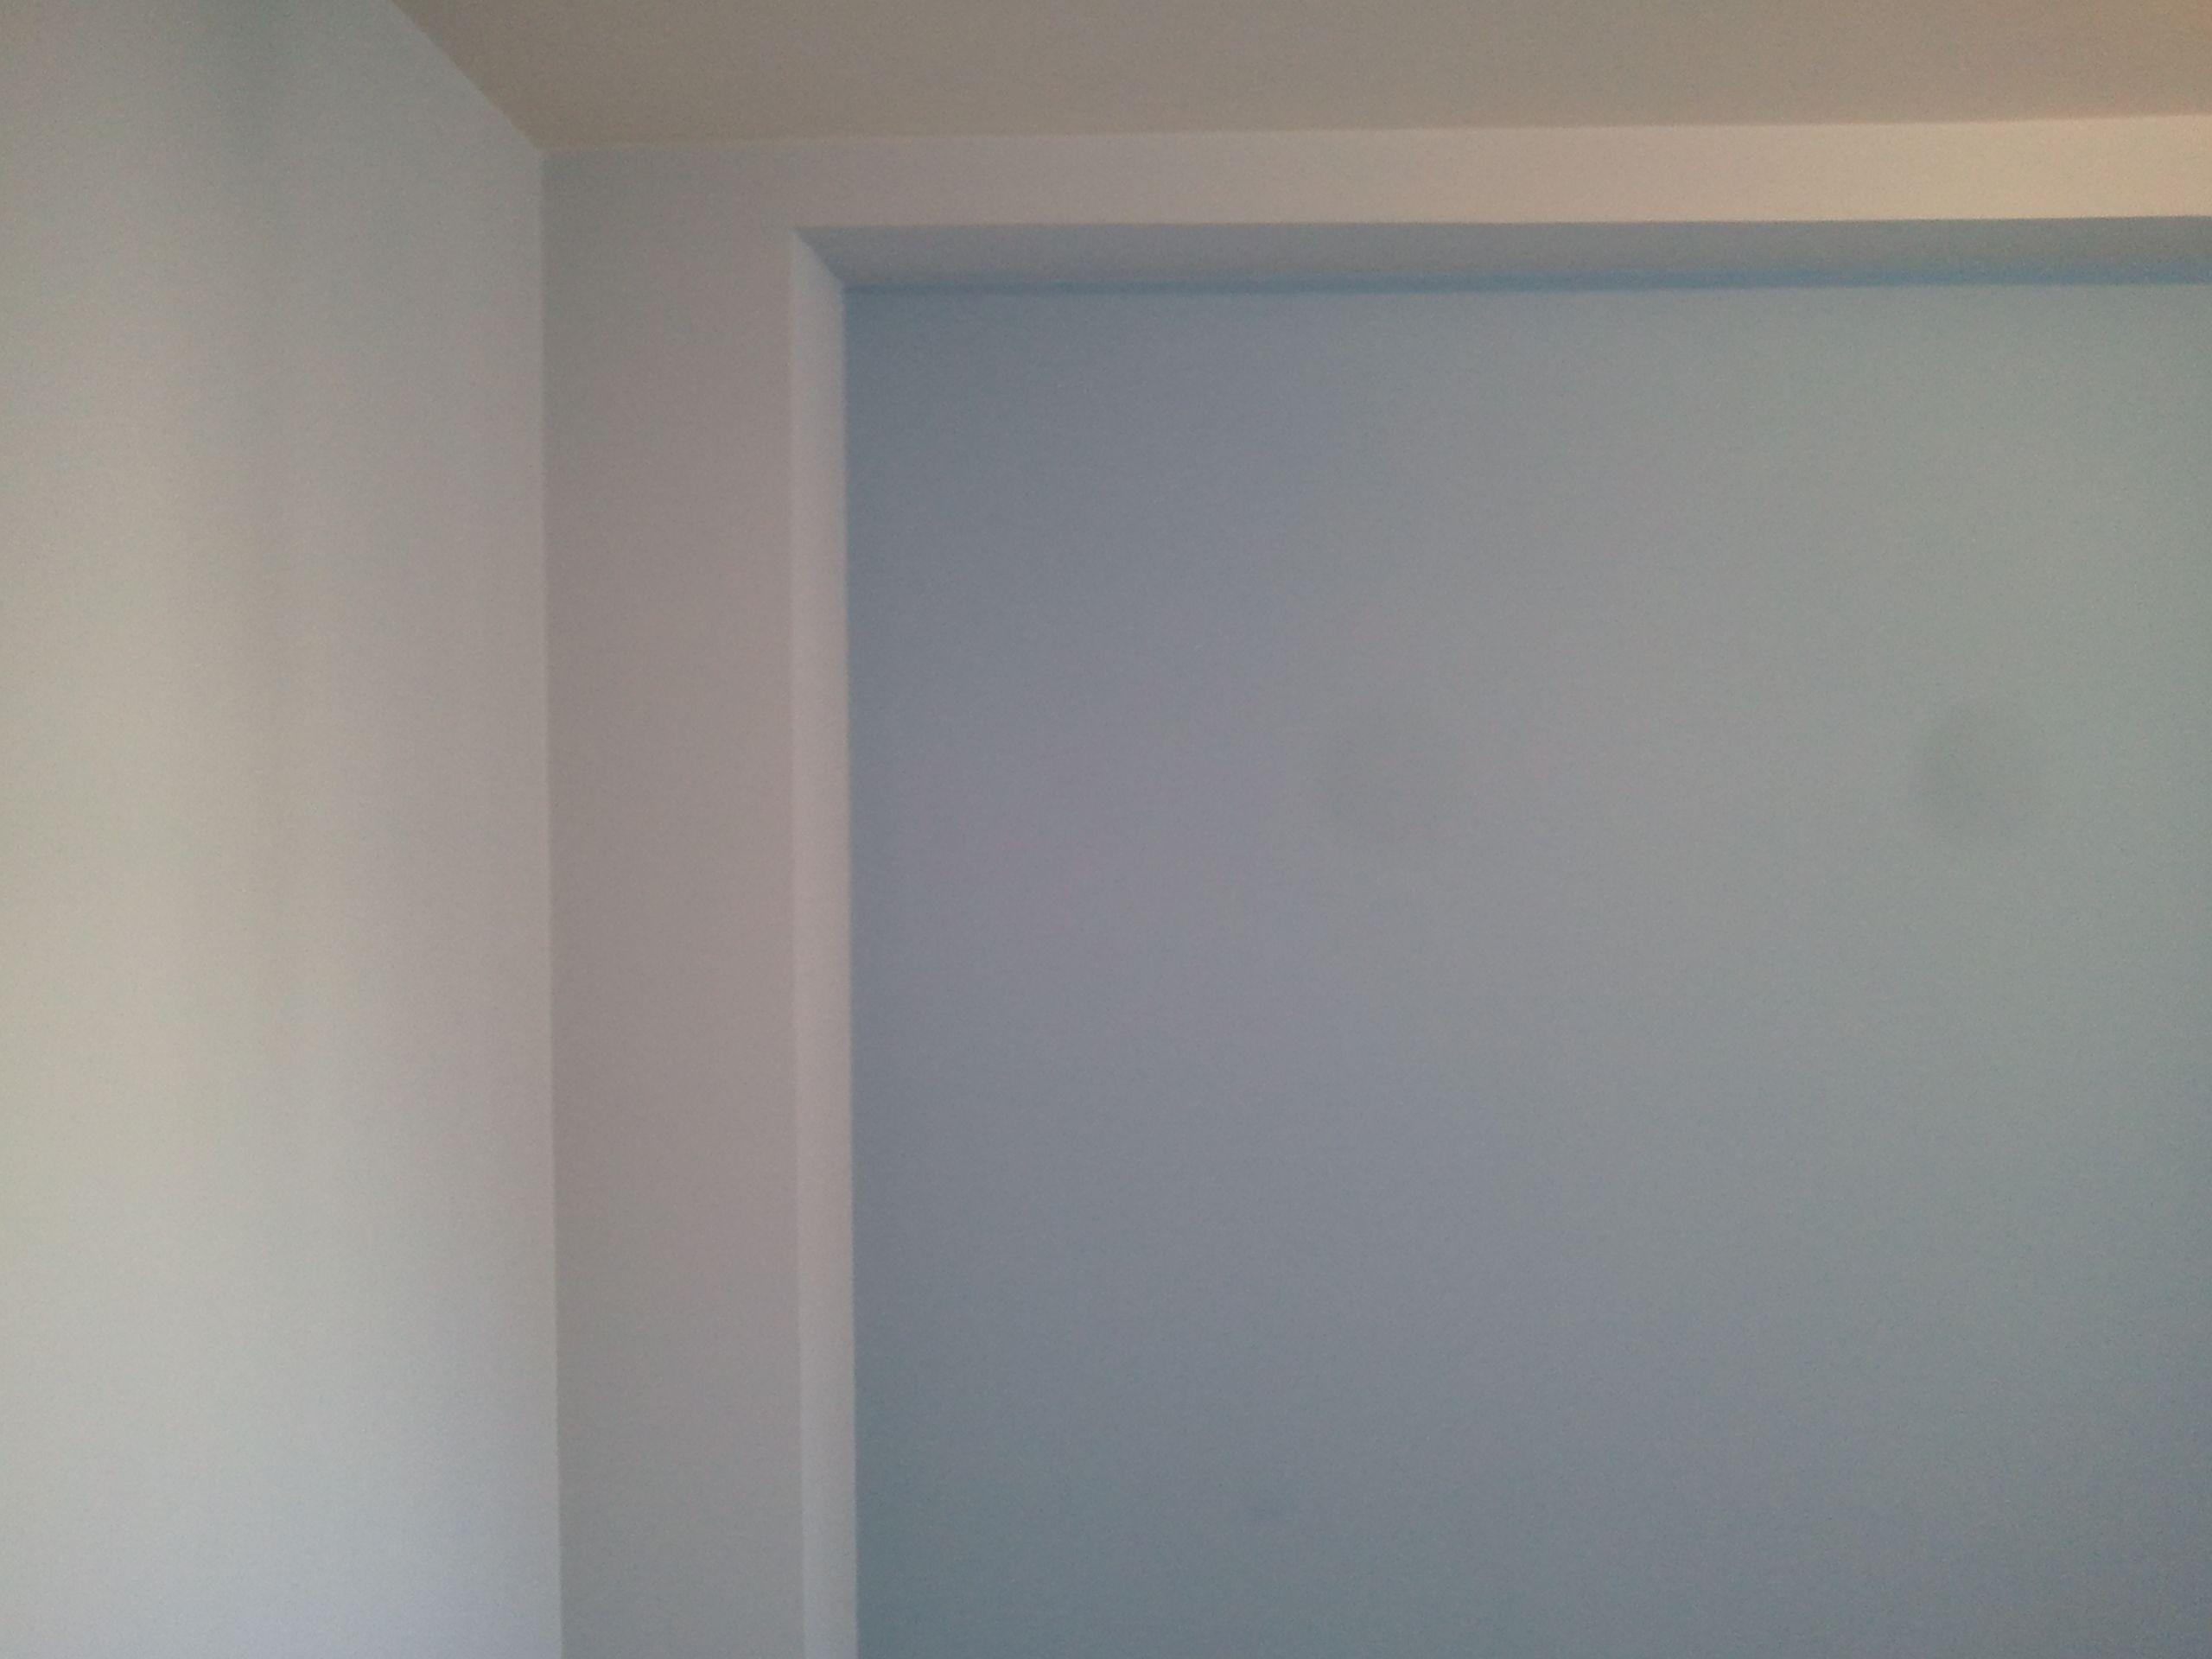 Plastico color azul oscuro y claro (3)